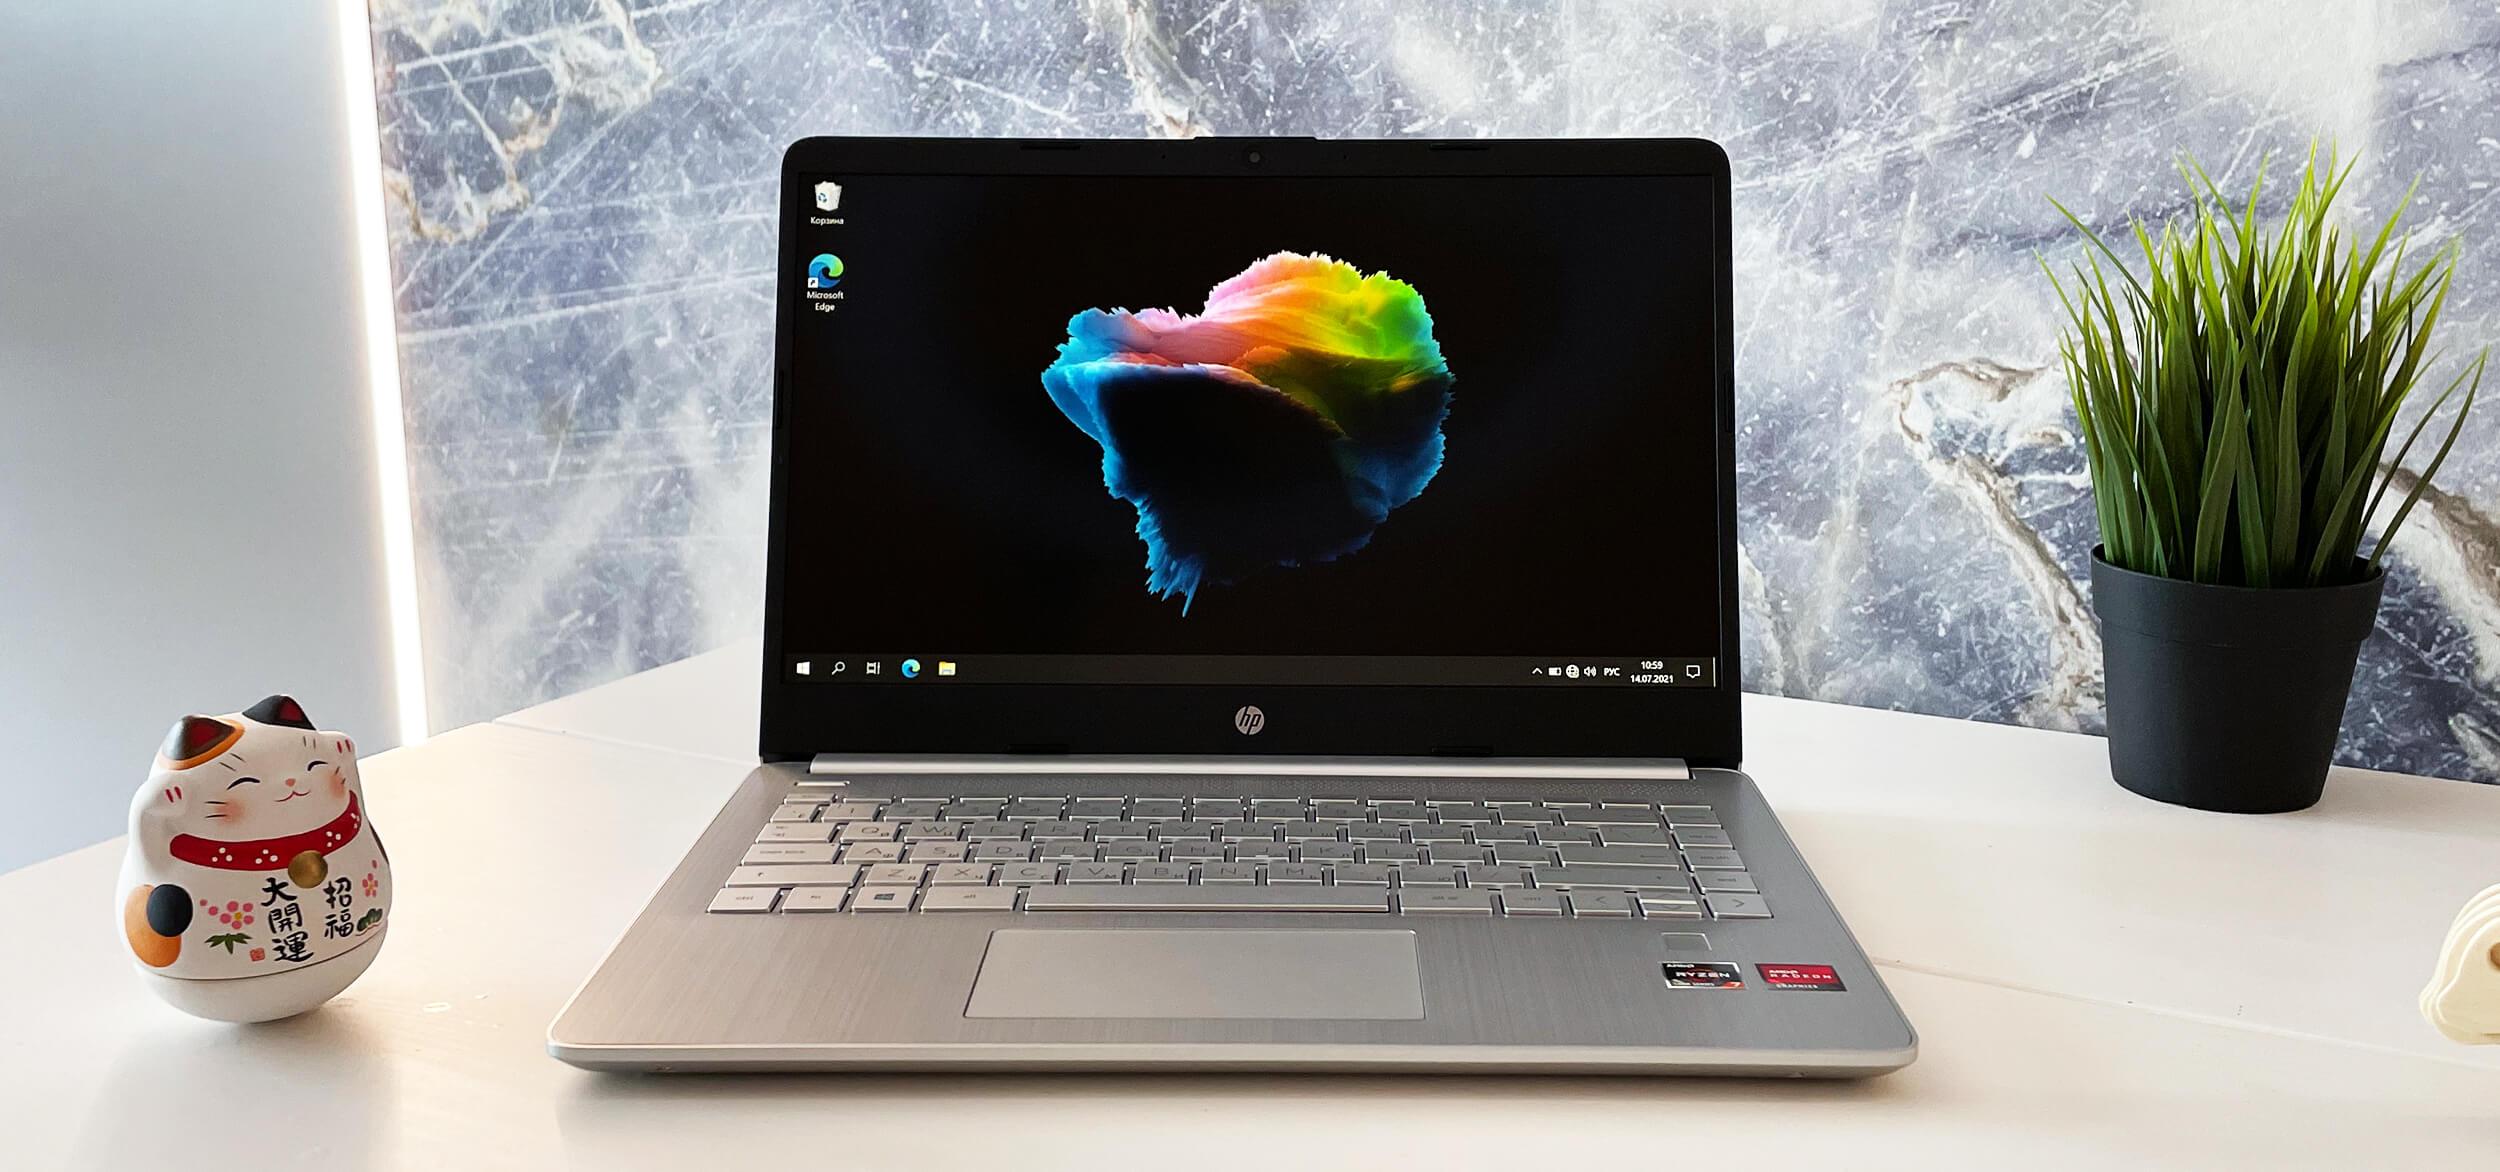 Обзор ноутбука HP Laptop 14s-fq1011ur